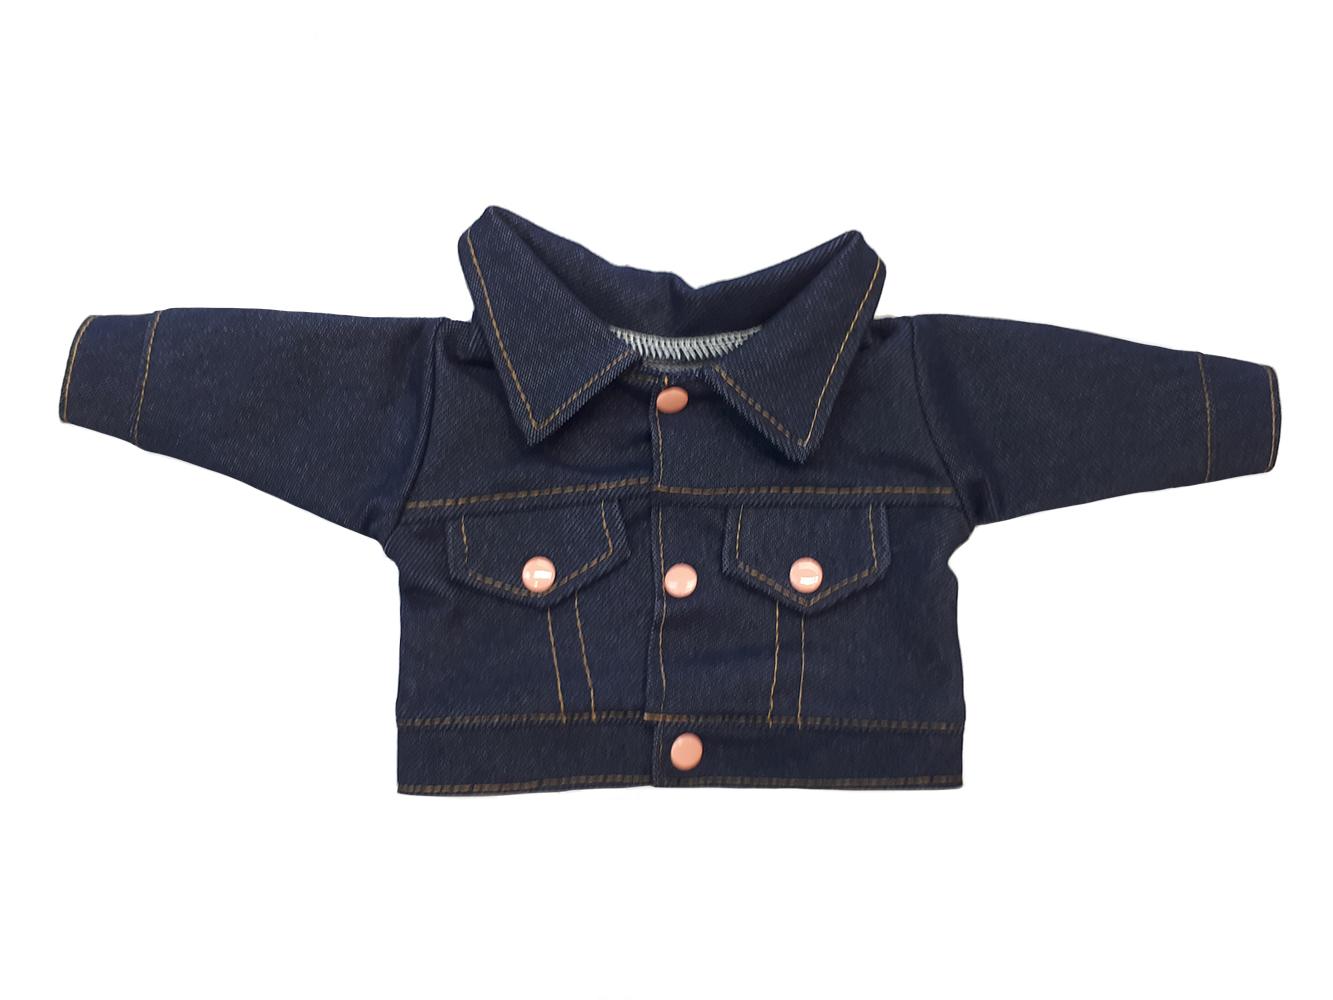 Набор одежды для кукол КоЛибри Курточка джинсовая Колибри 85 Синий фото